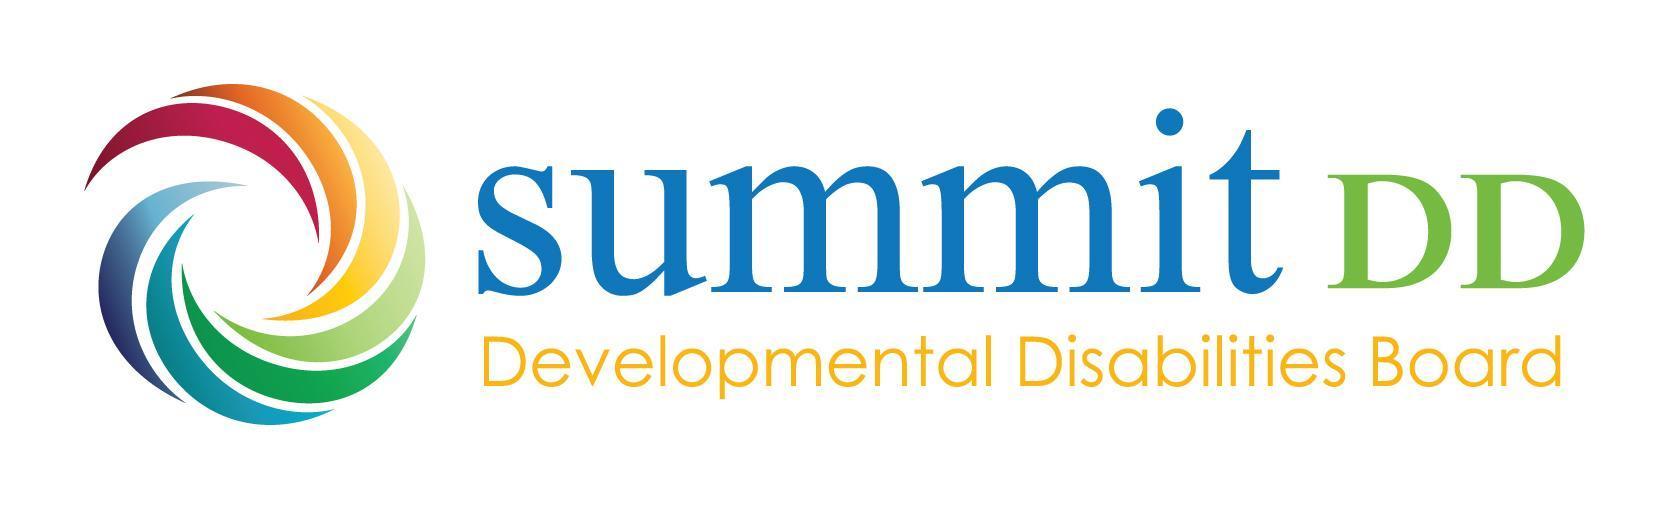 summit-dd